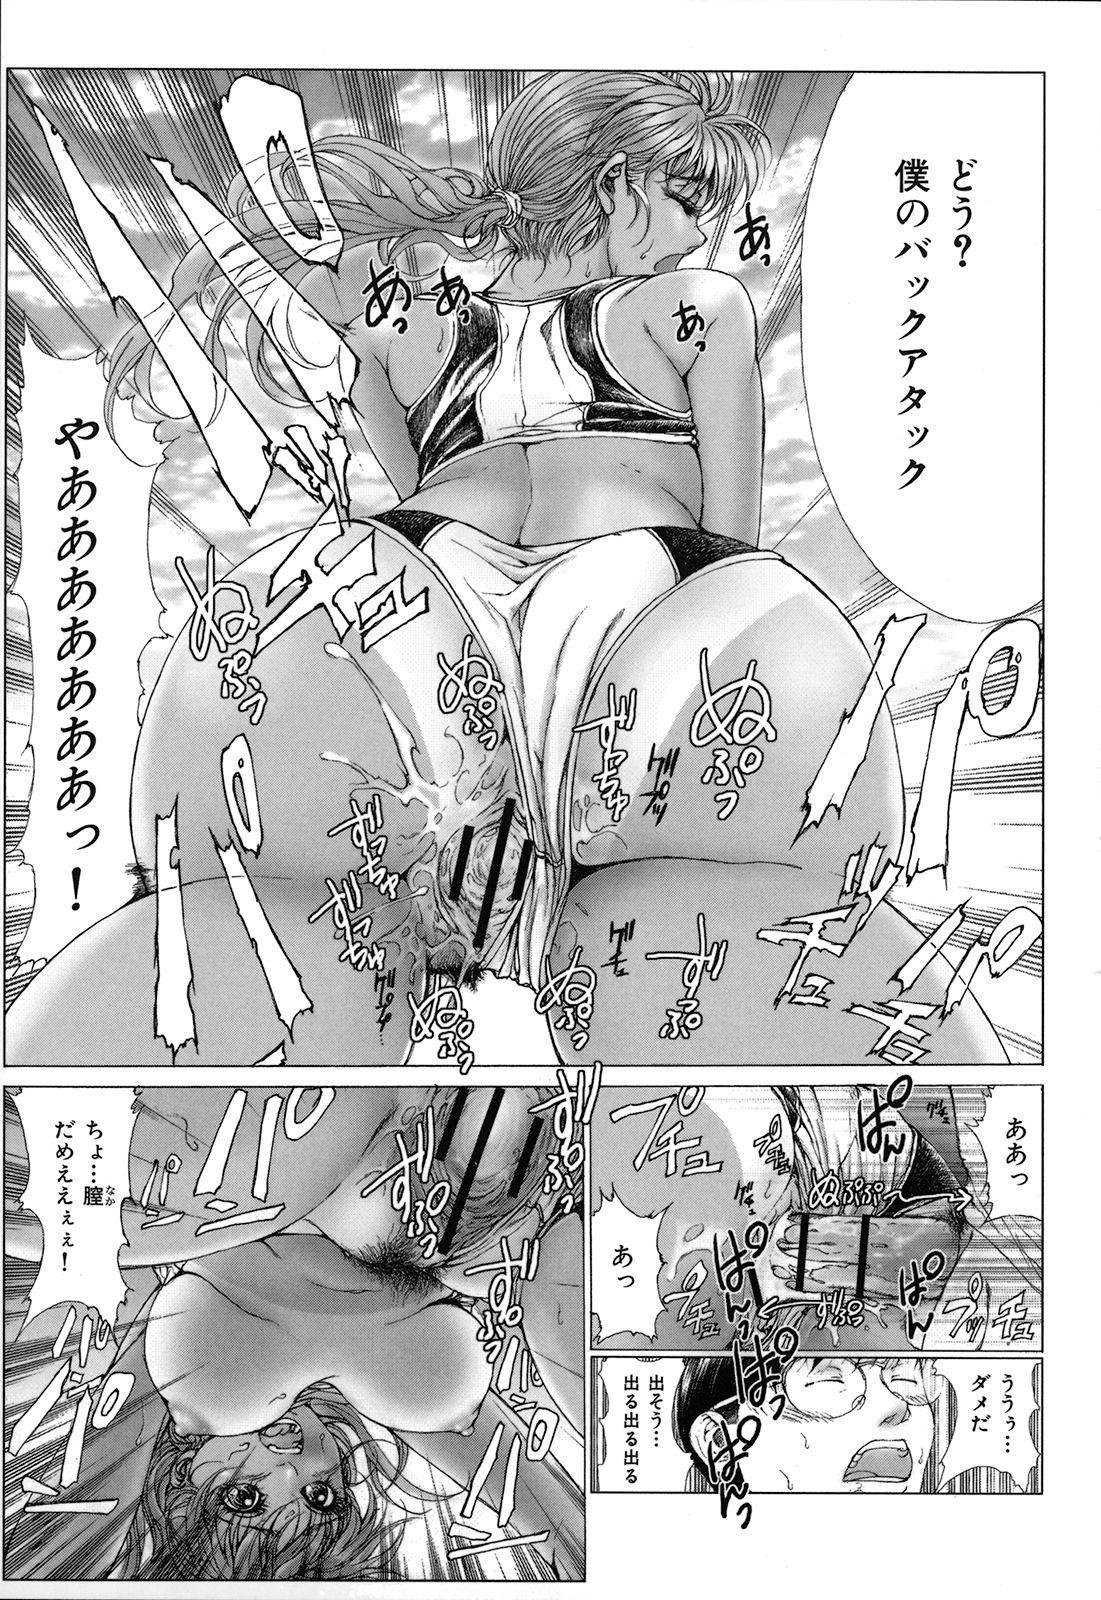 Kou Musume 142